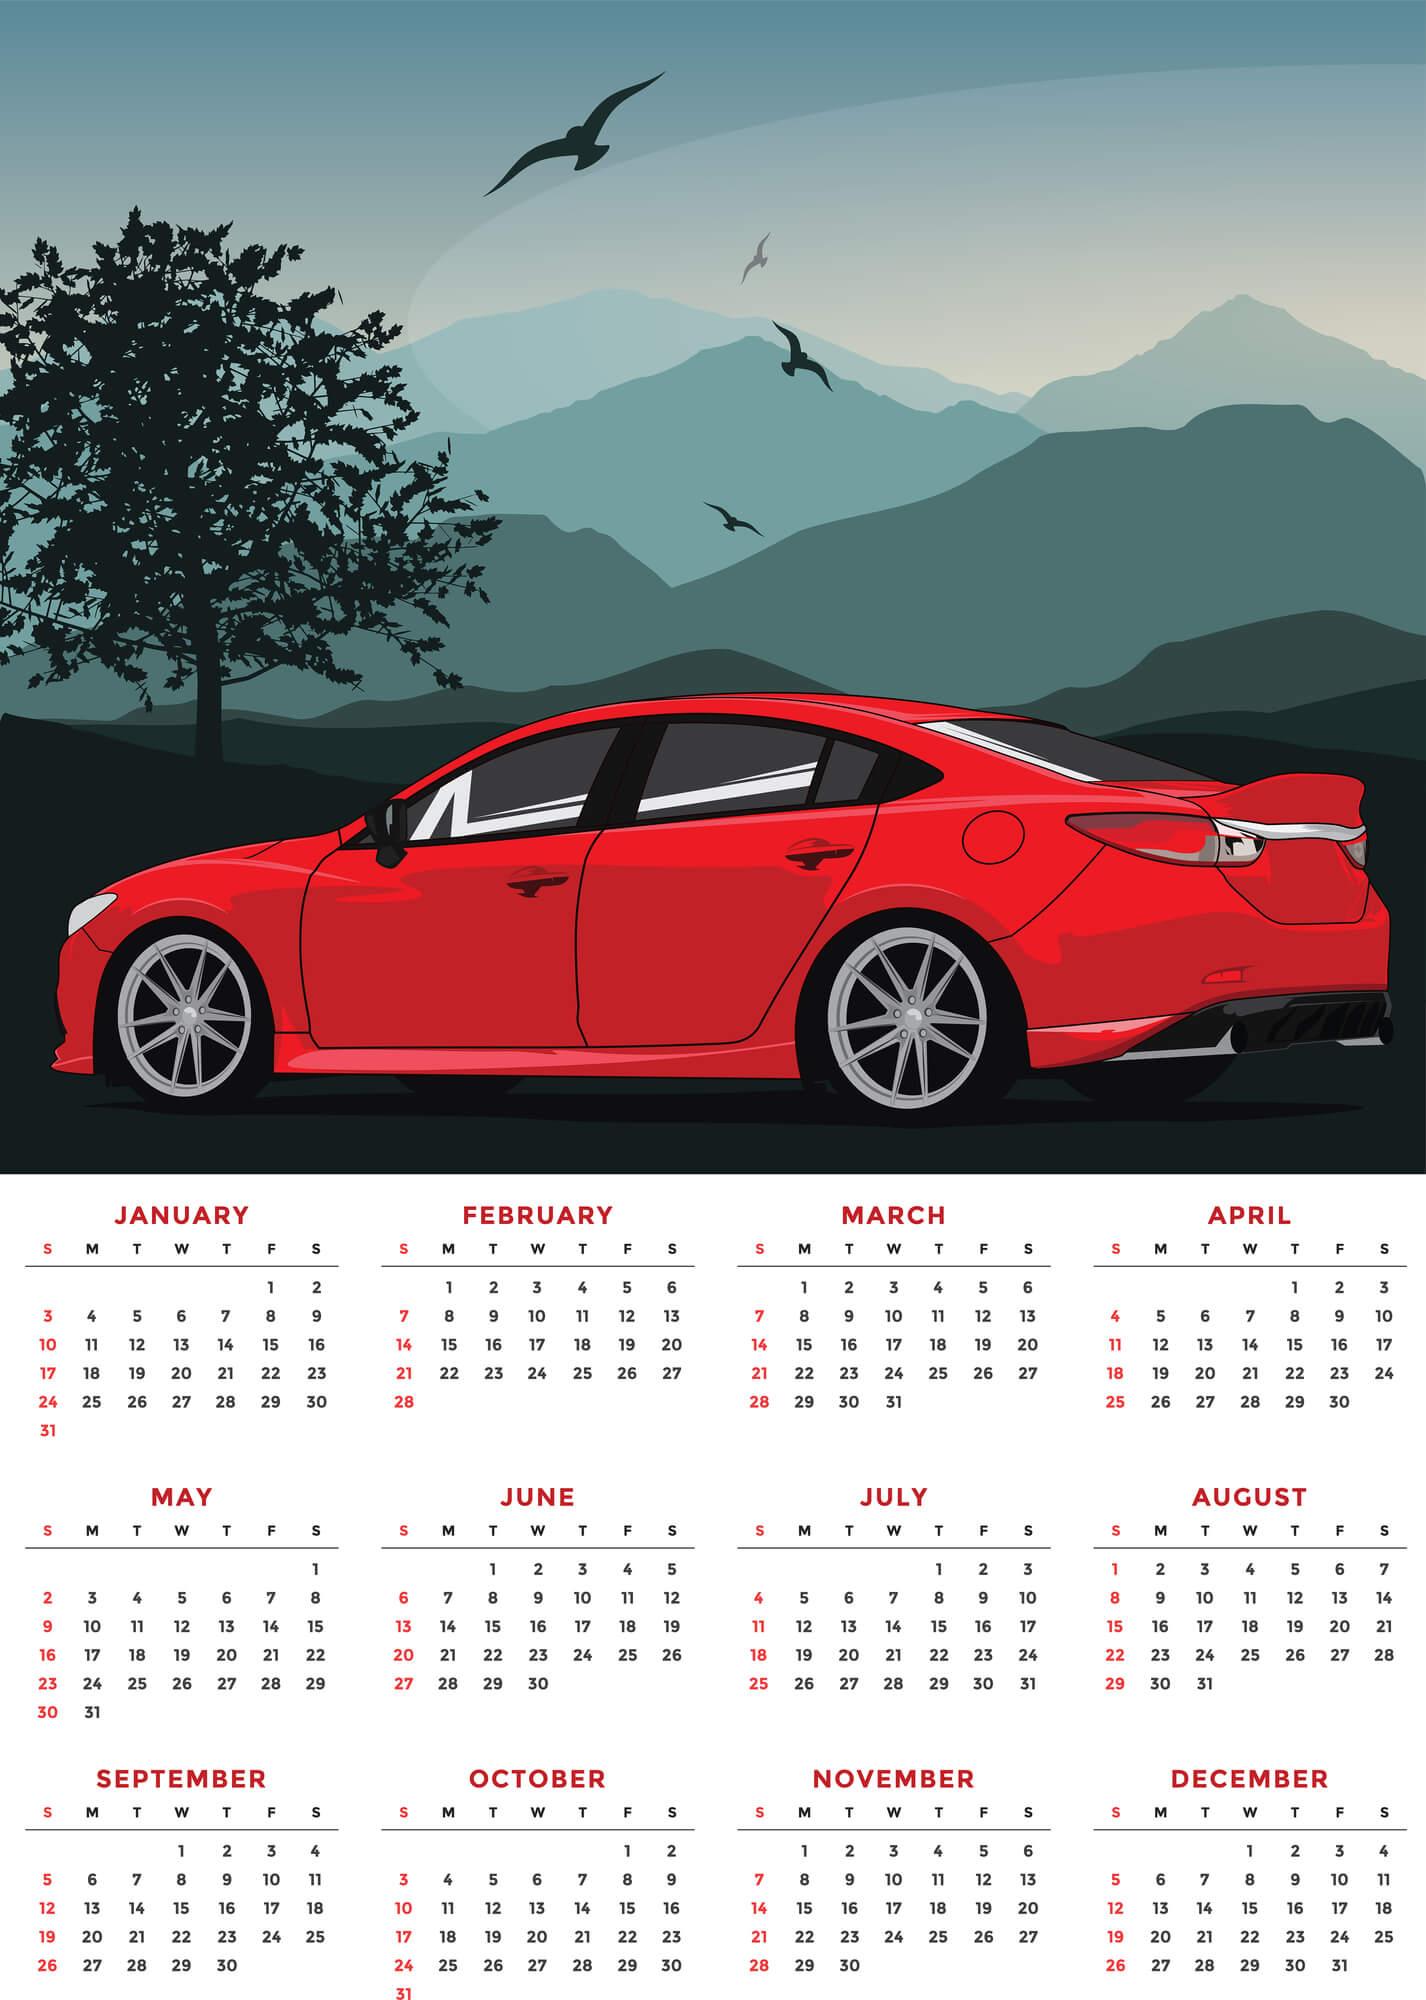 ปฎิทินการออกรถ ฤกษ์ออกรถที่ดีในปี 2021